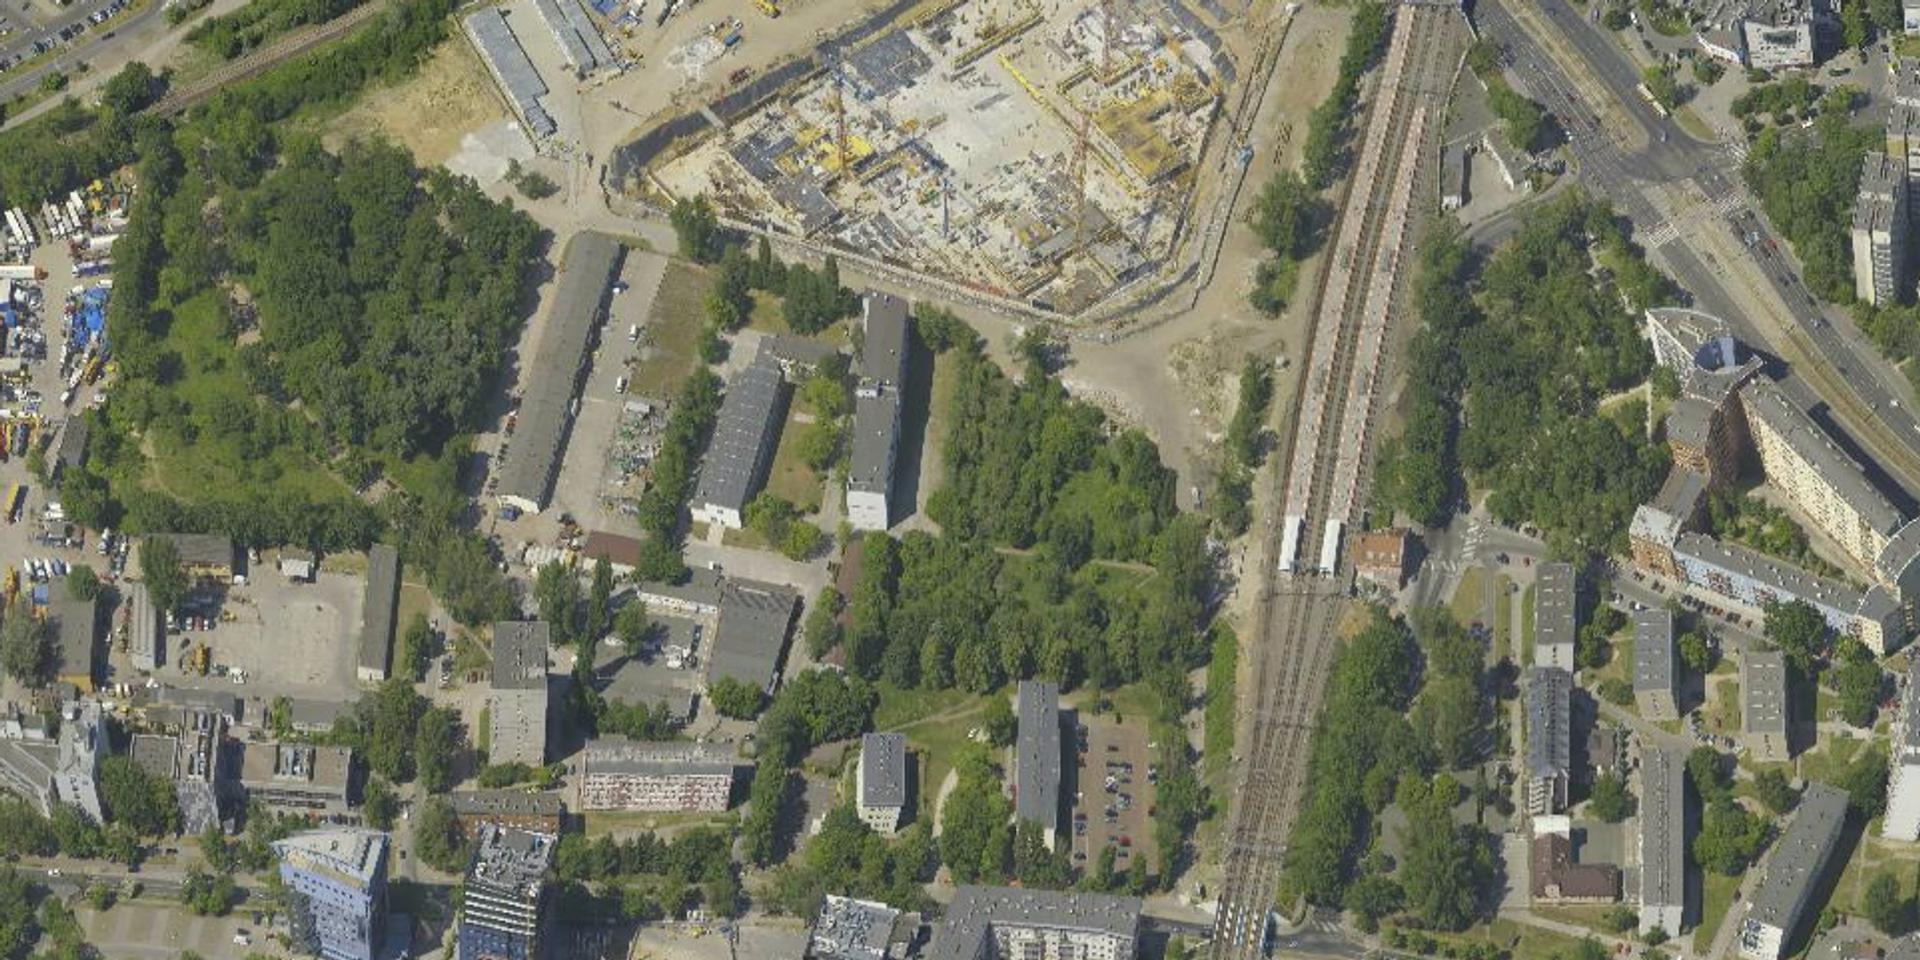 [Wrocław] Okolice Dworca Mikołajów to gorący teren inwestycyjny. Kolejne działki na sprzedaż